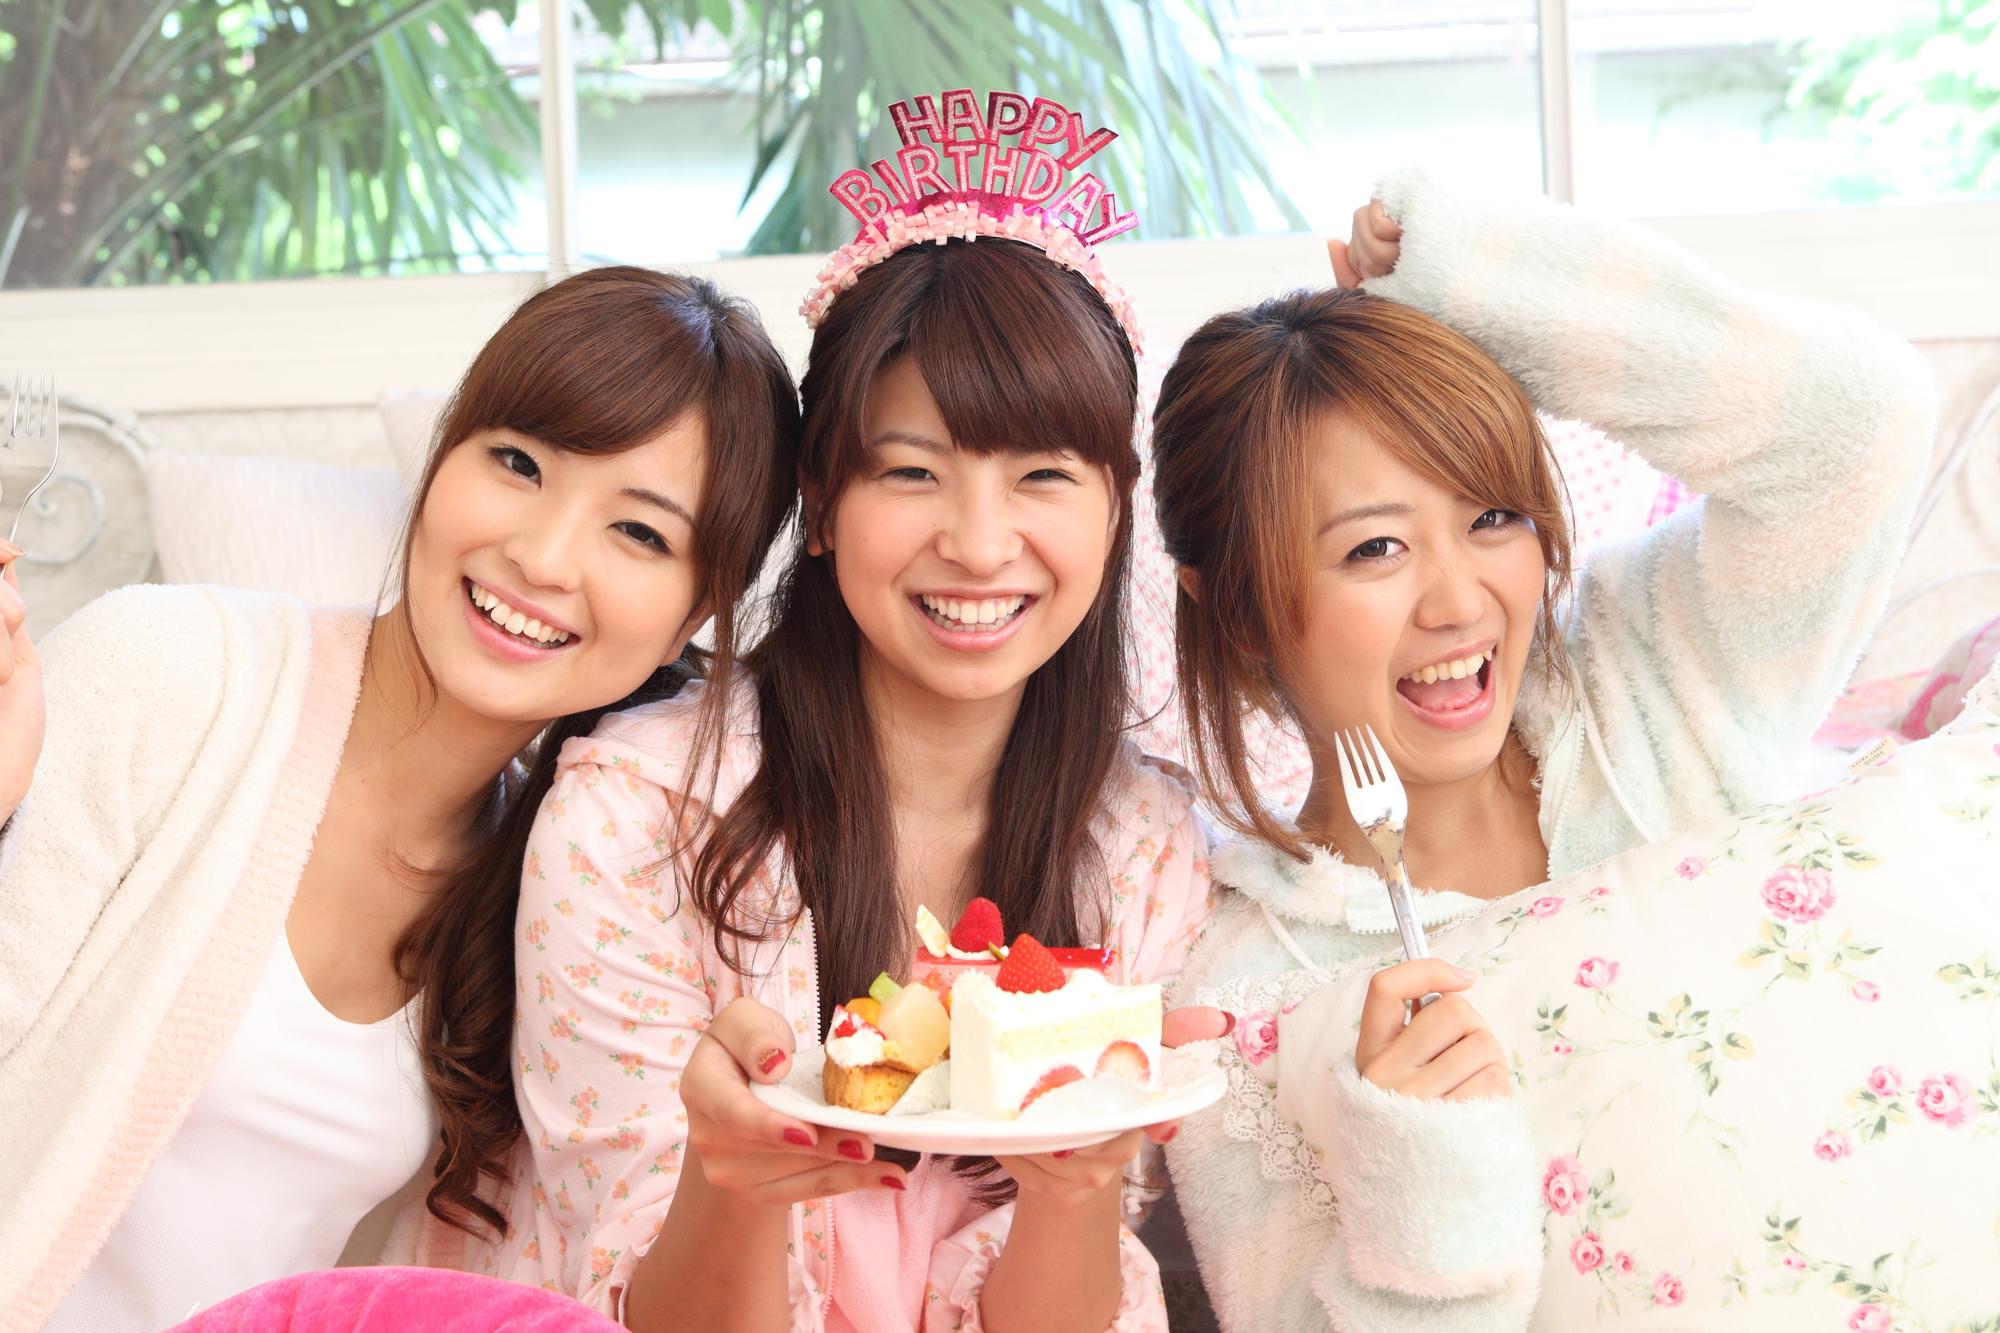 【話題沸騰♪】レンタルスペース女子会を思いっきり楽しむ方法!